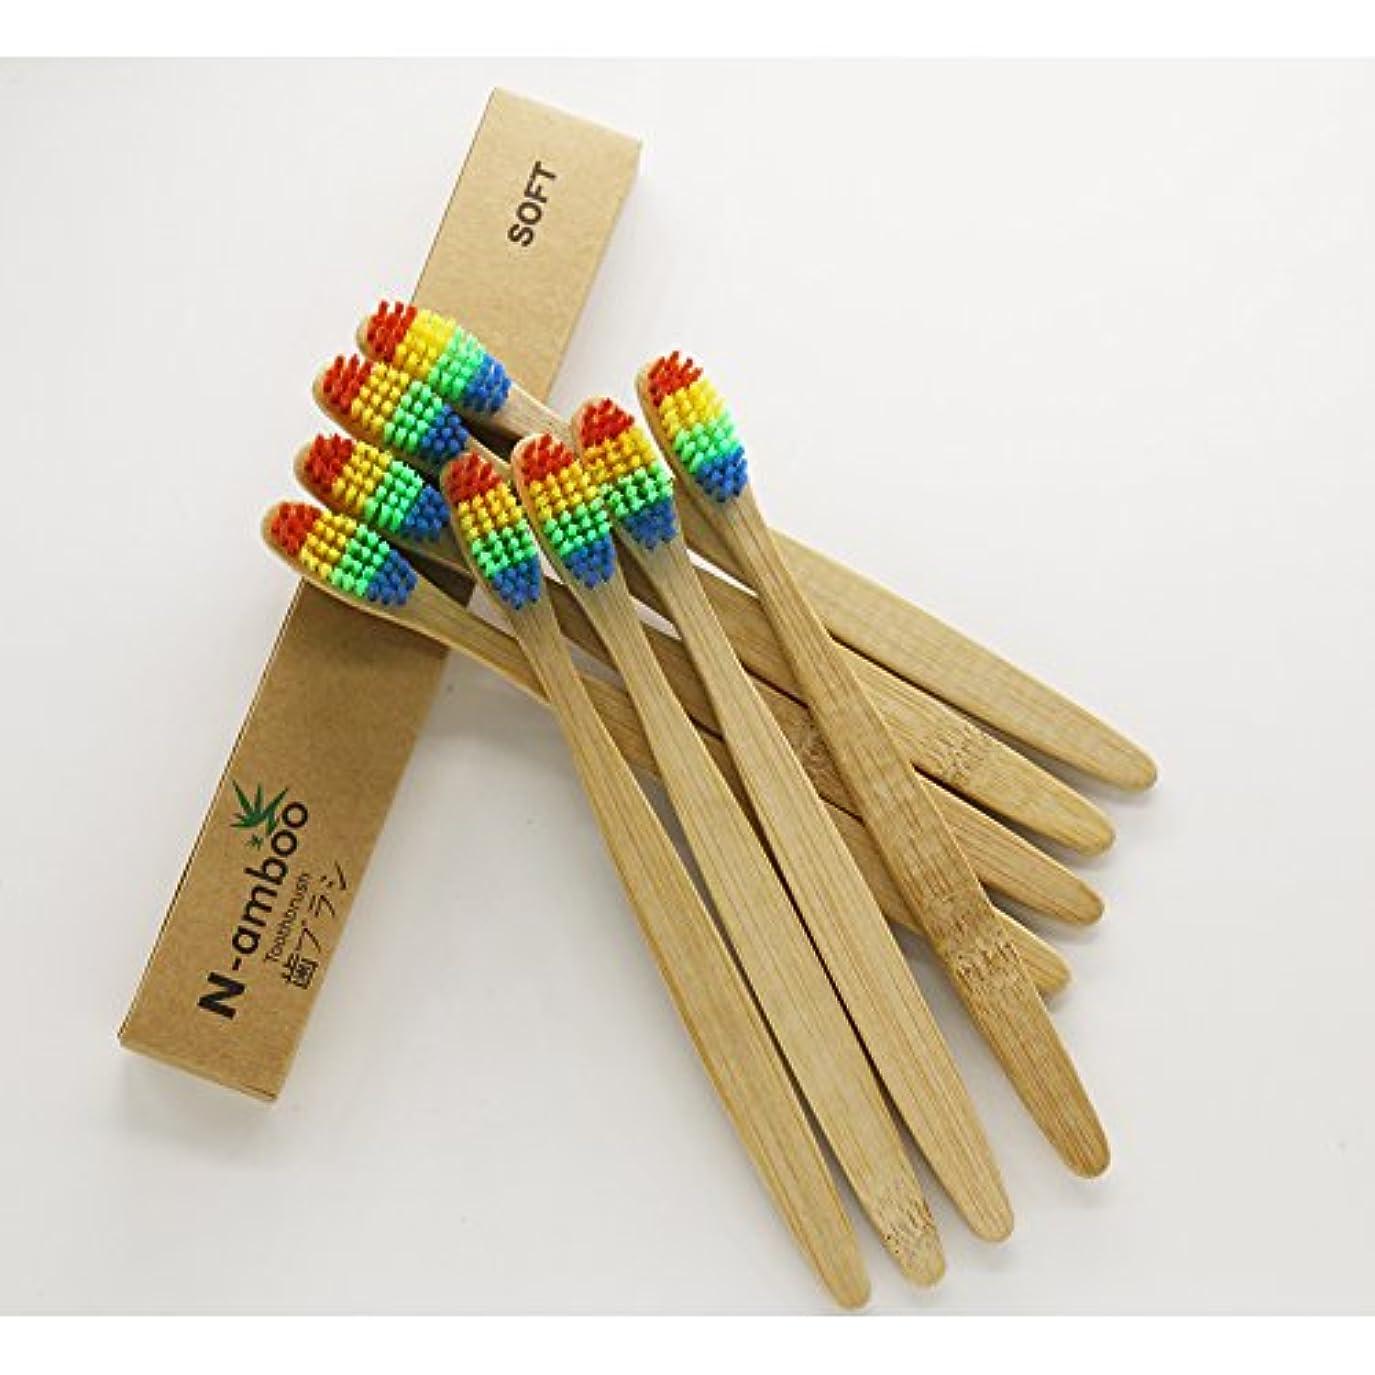 ゴールド仕事地下鉄N-amboo 竹製 耐久度高い 歯ブラシ 四色 虹(にじ) 8本入り ファミリー セット